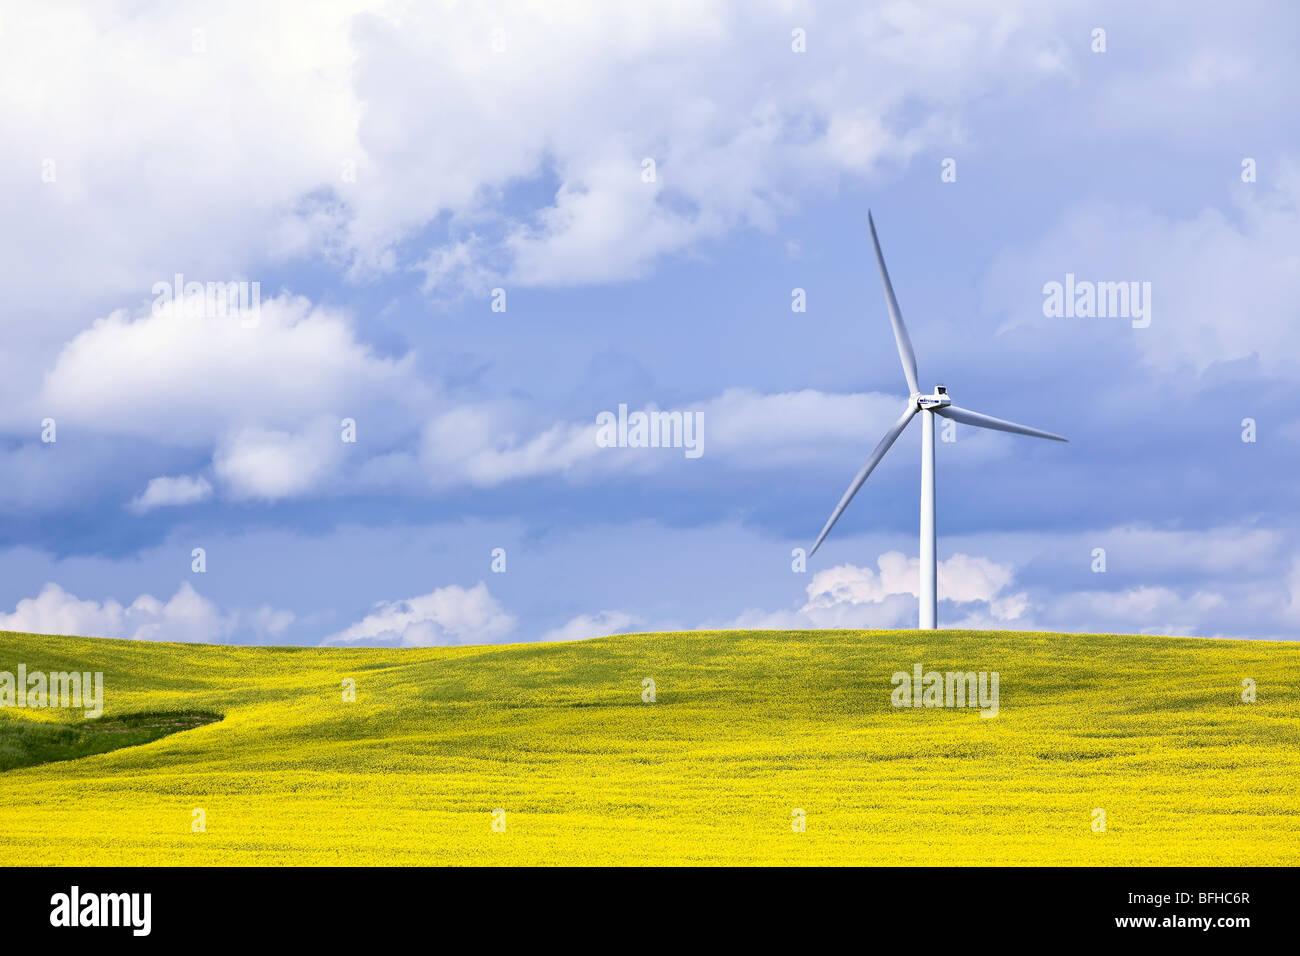 L'énergie éolienne et champ de canola, sur un jour de tempête. St Leon, au Manitoba, Canada. Photo Stock